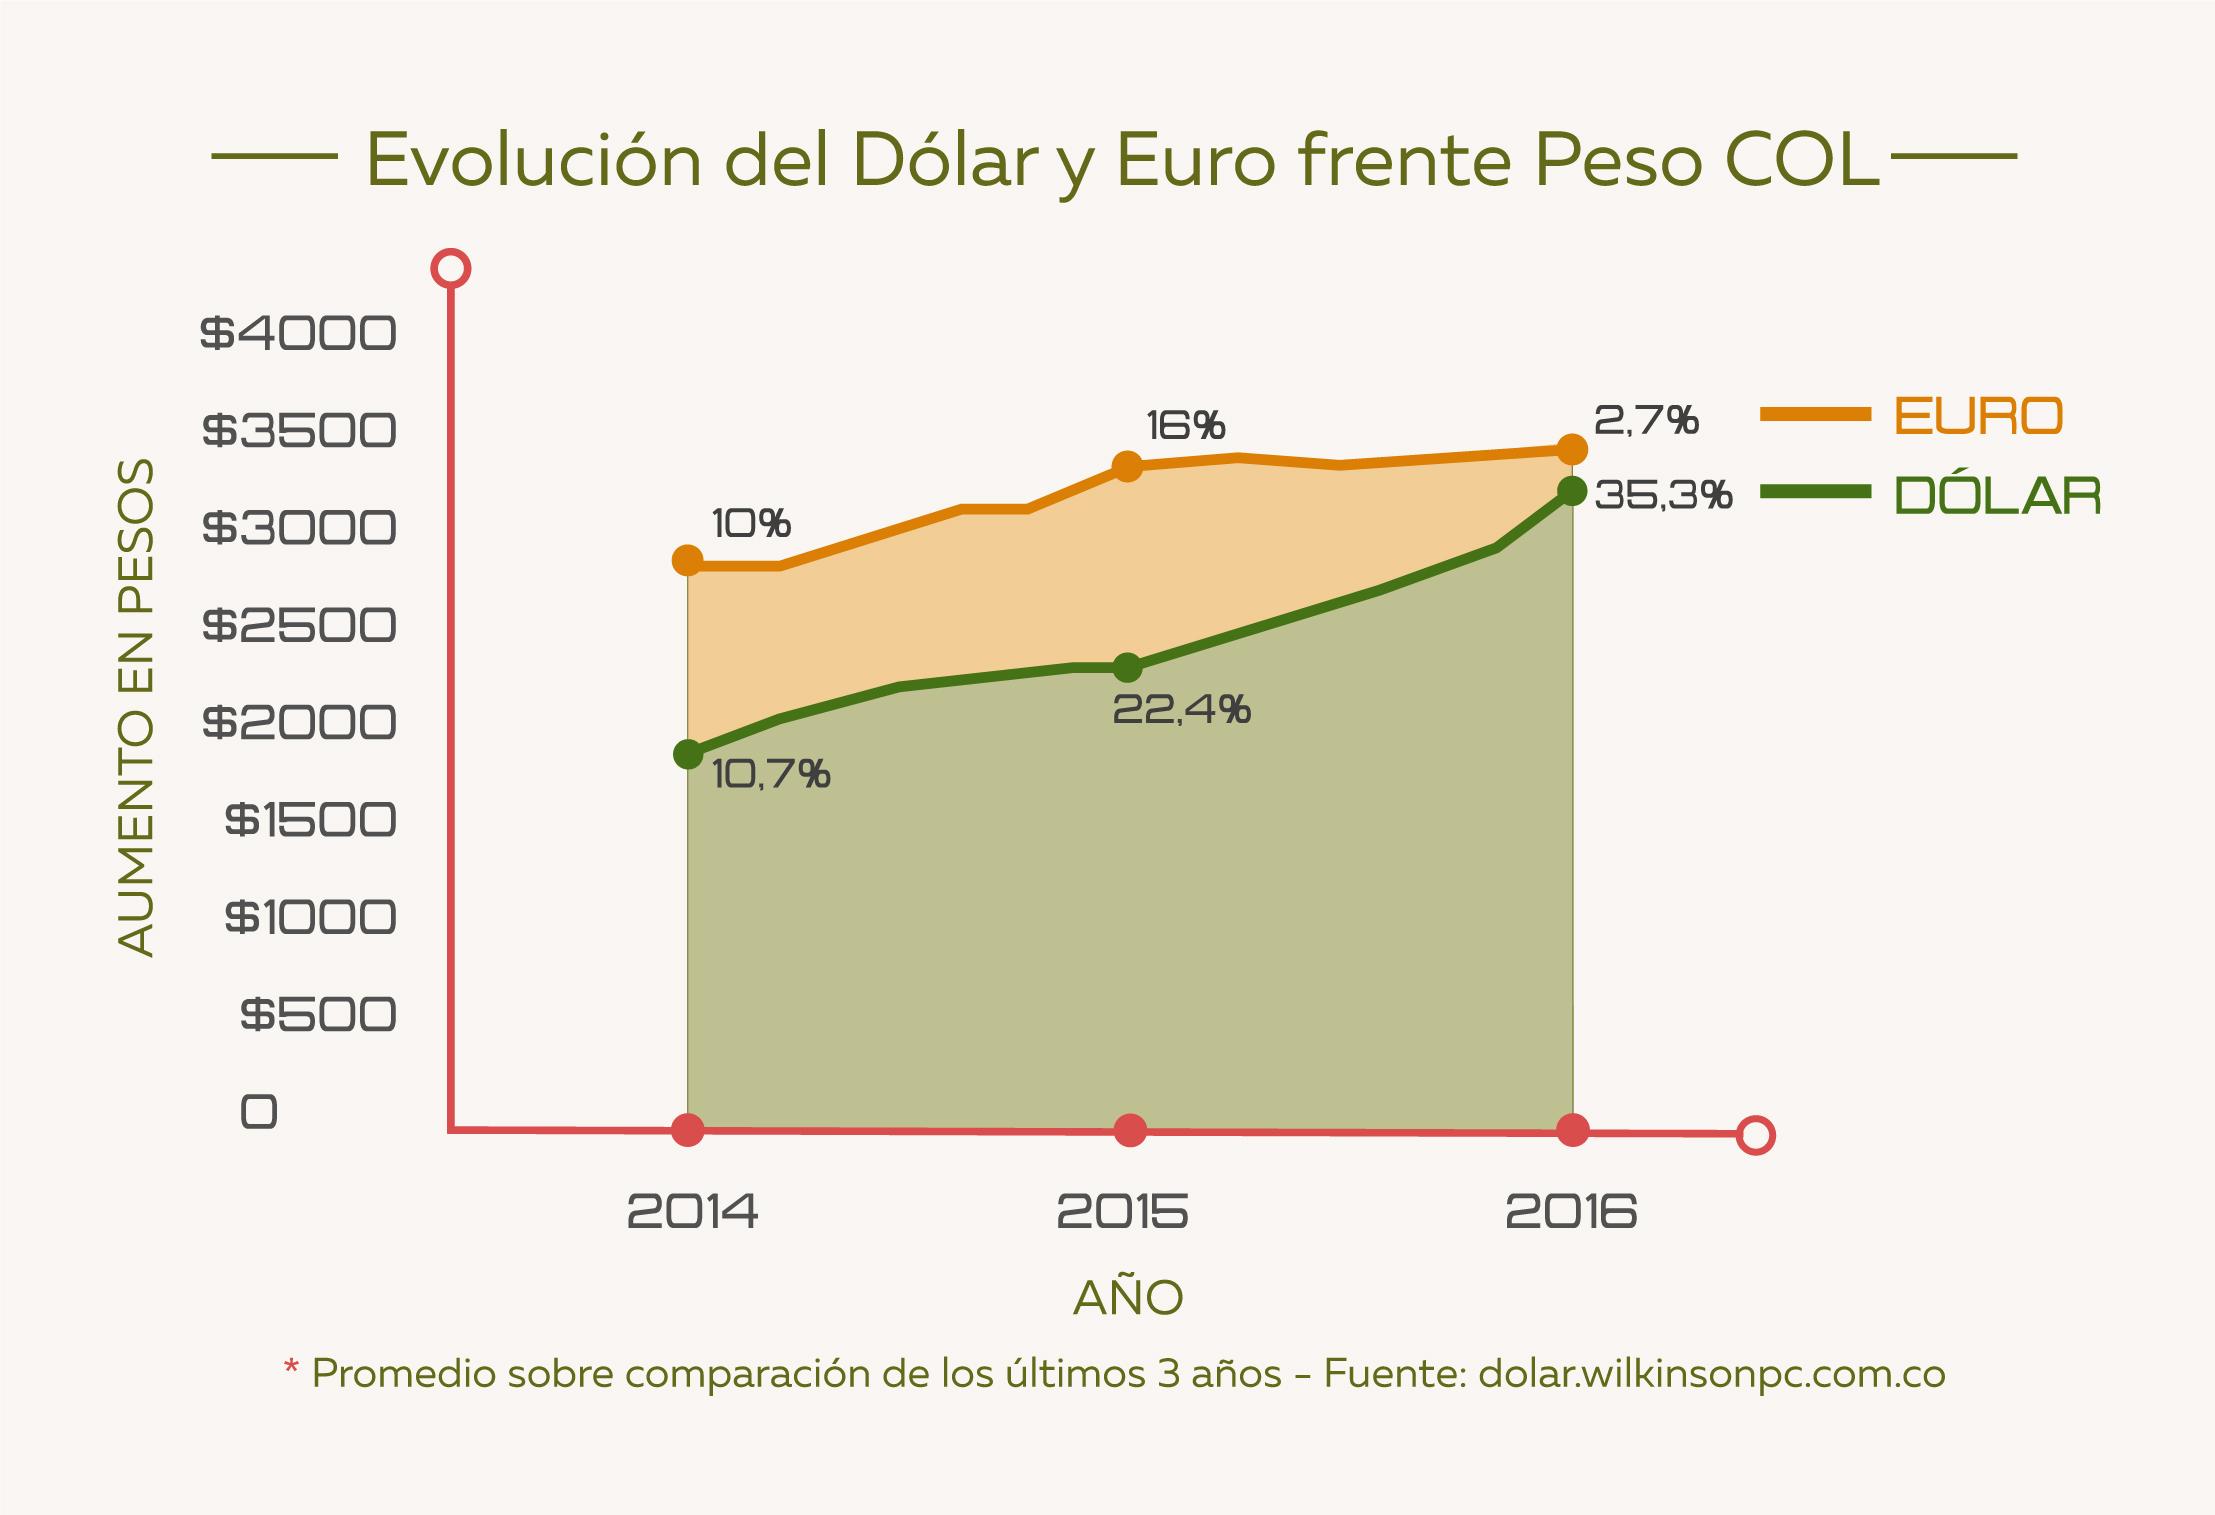 evolución-del-dolar.jpg